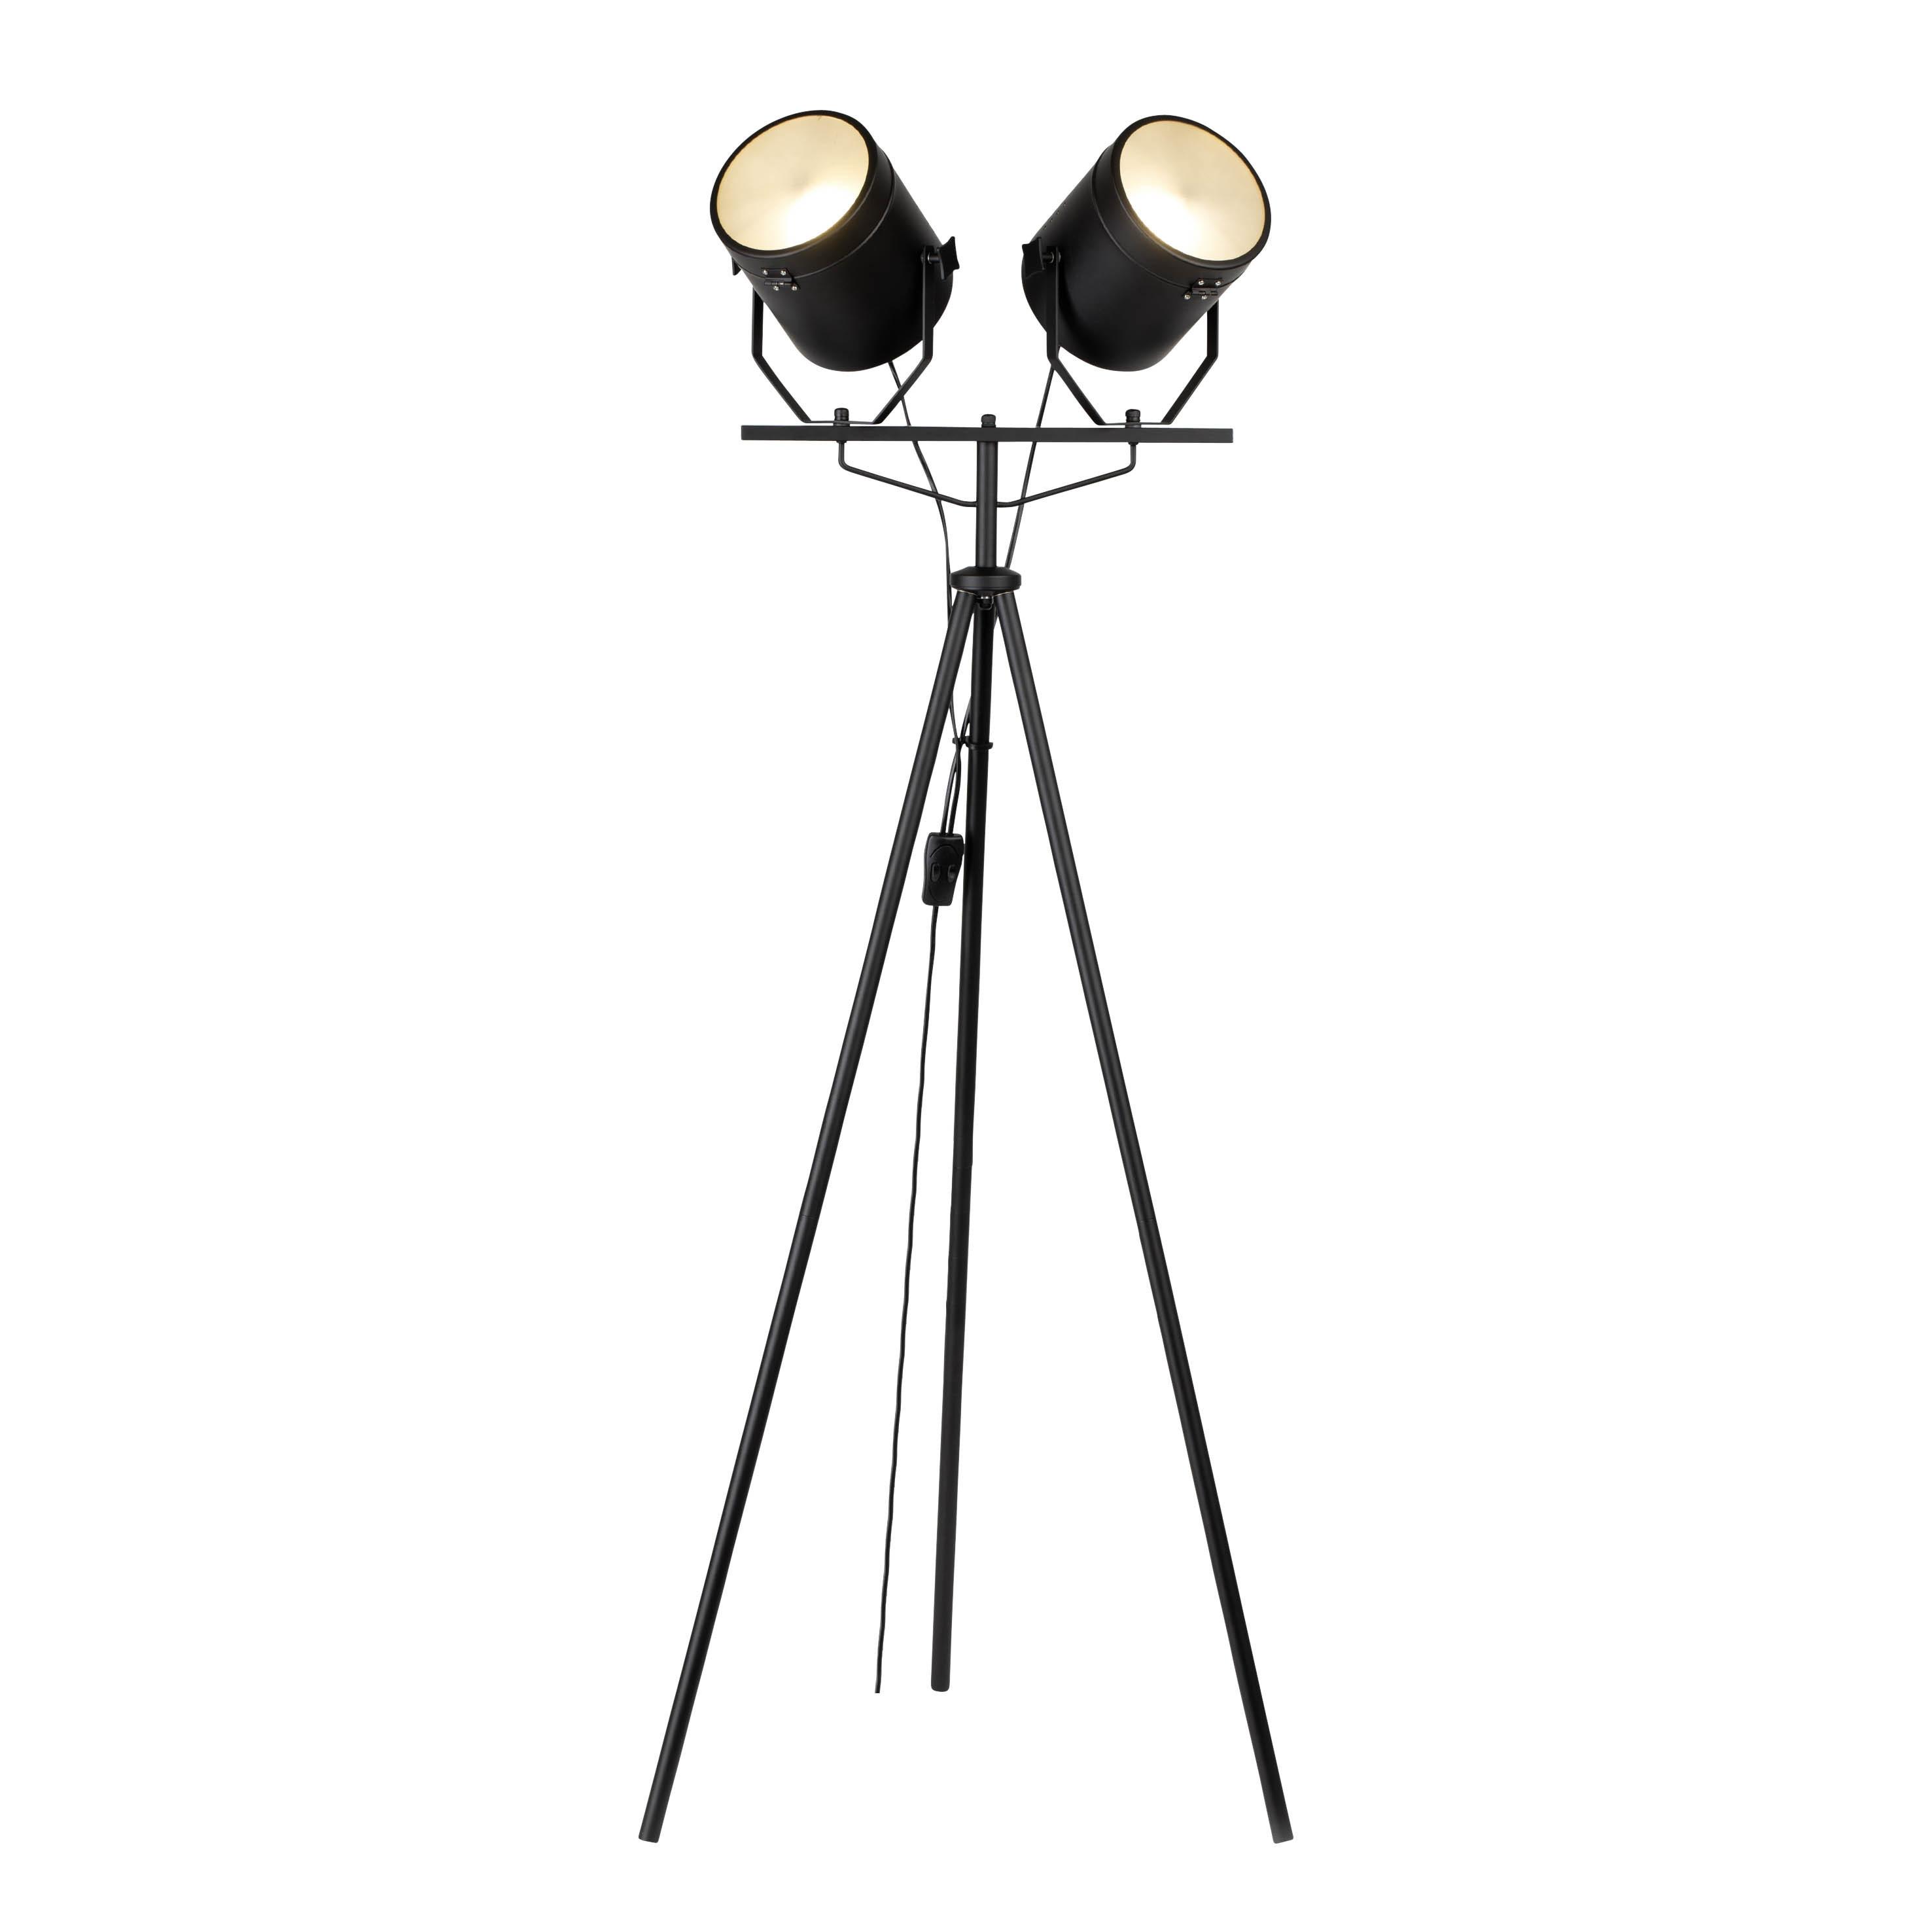 Brilliant Leuchten Filmo Standleuchte 2flg schwarz